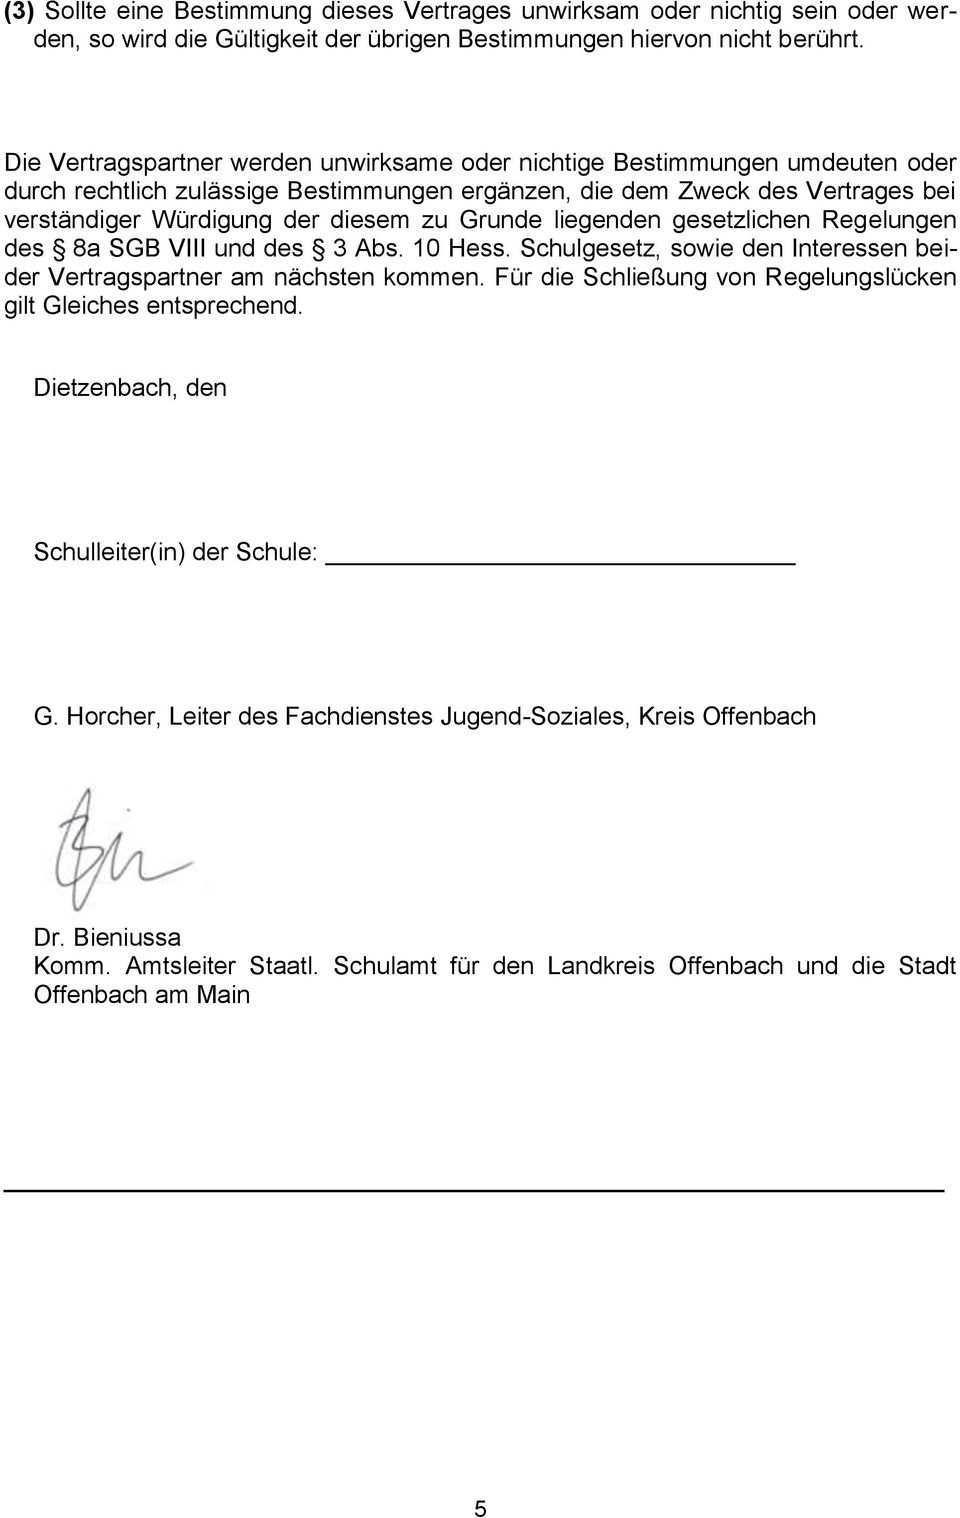 Vereinbarung Zum Schutz Von Kindern Und Jugendlichen Gemass 8 A Sozialgesetzbuch Viii Und 3 Abs 10 Hessisches Schulgesetz Pdf Kostenfreier Download